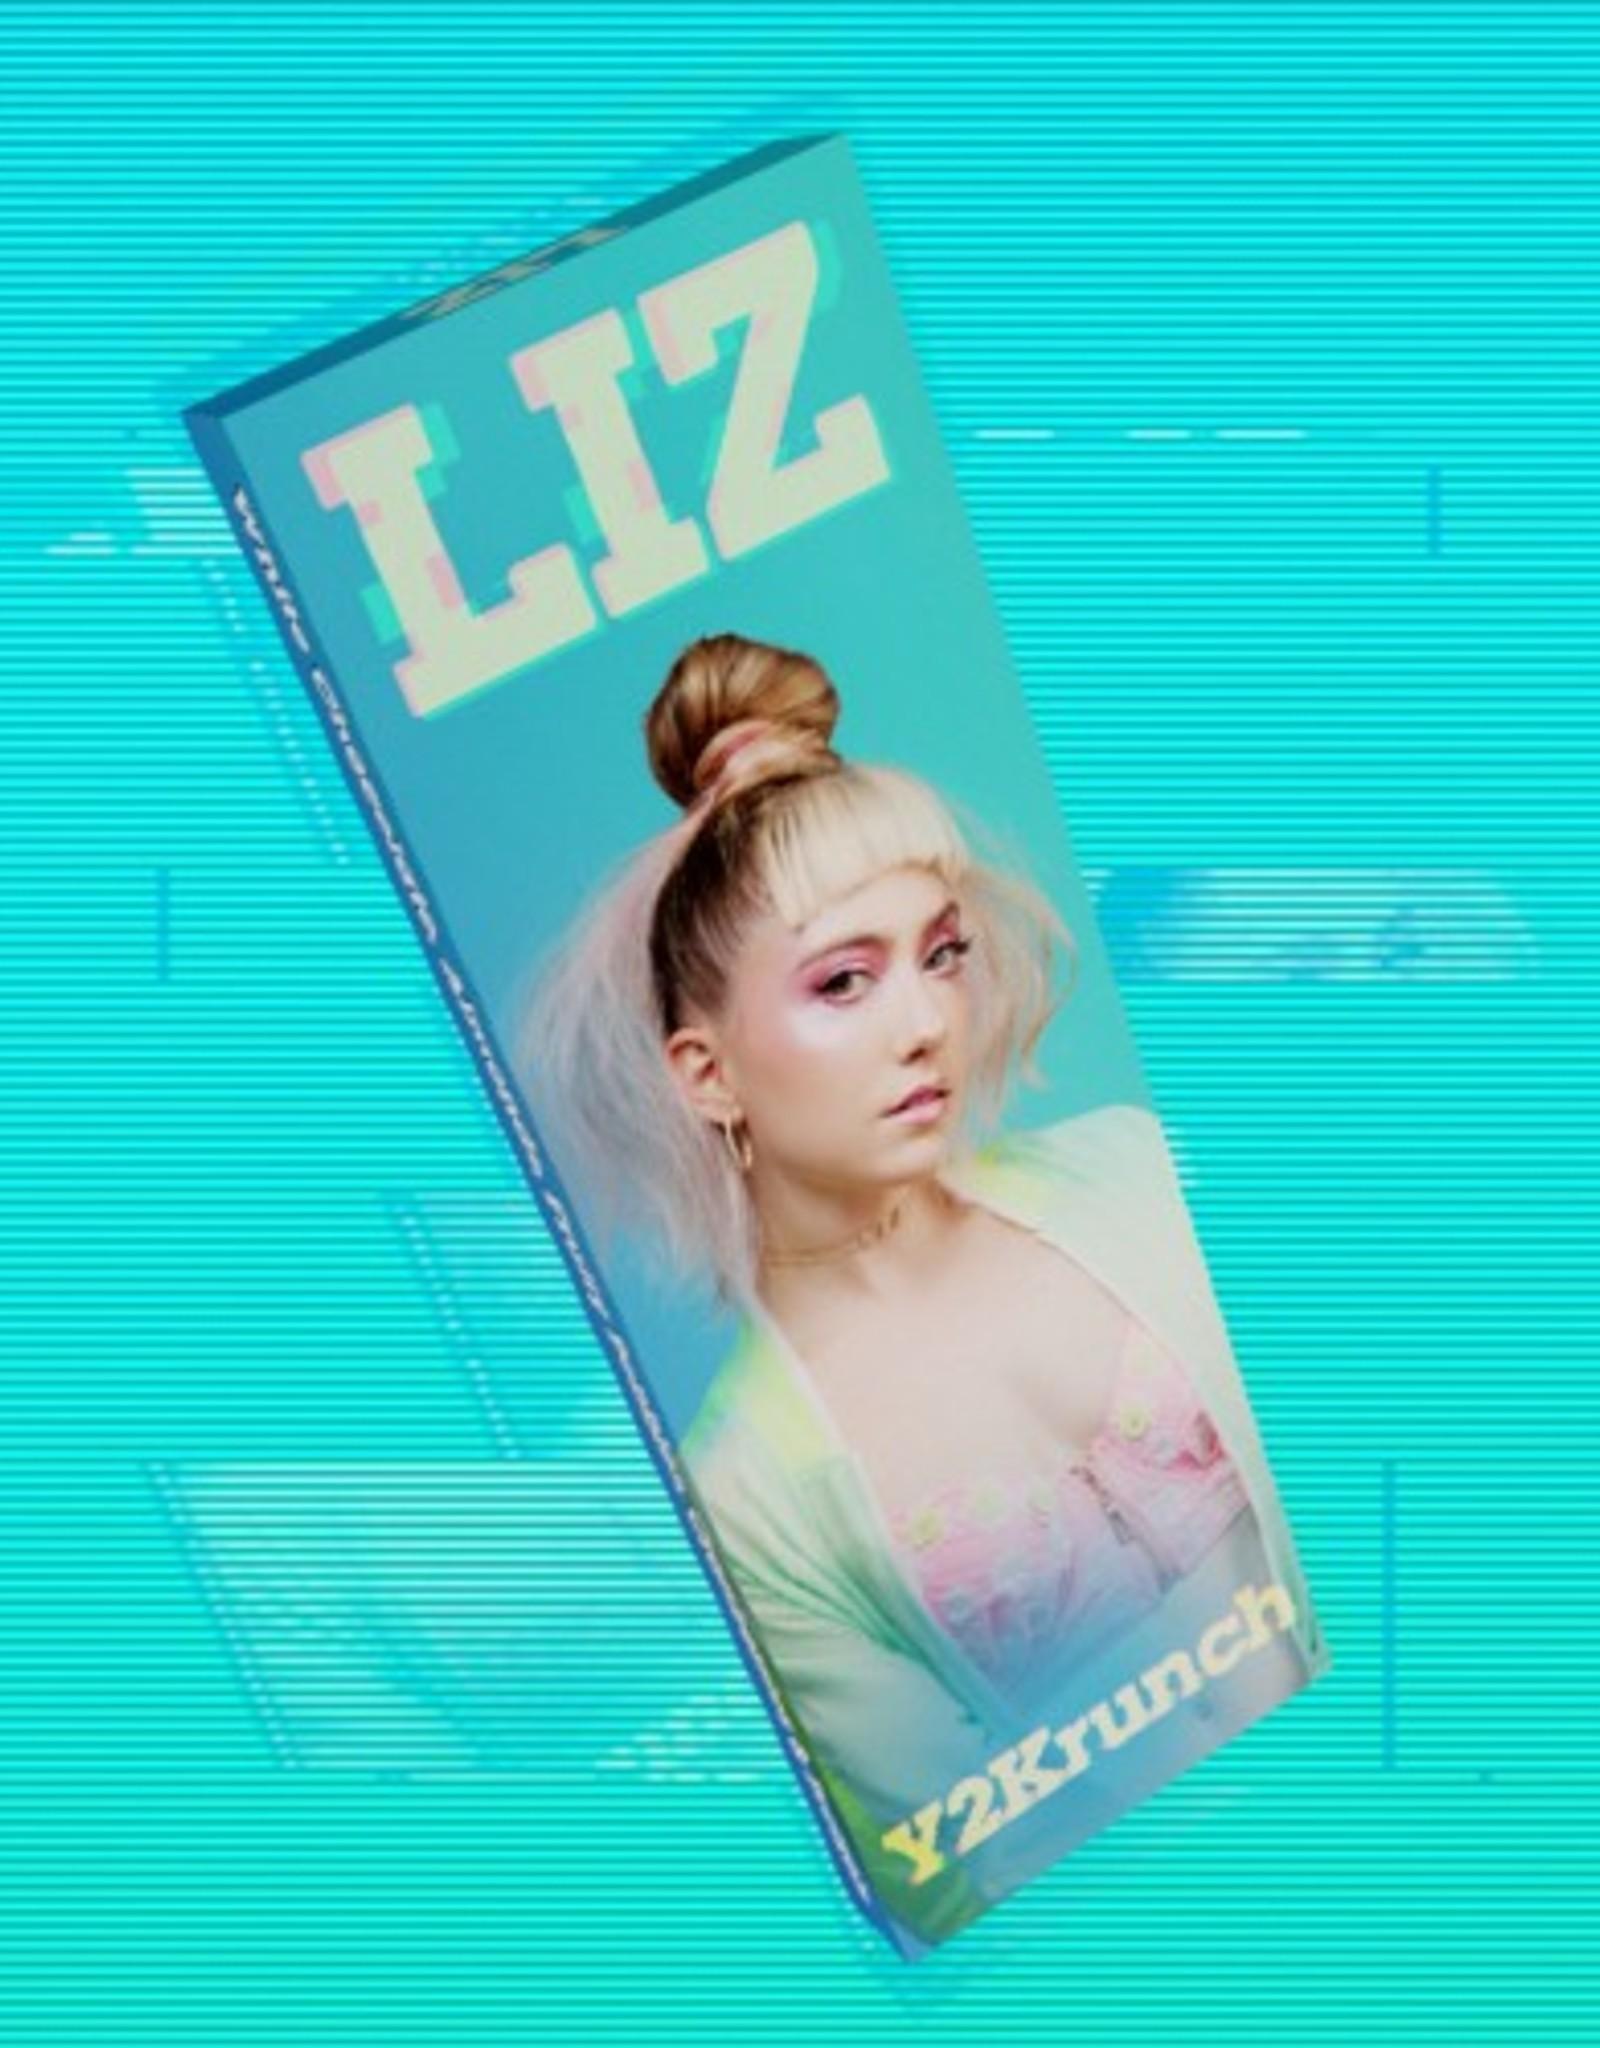 LIZ Y2Krunch Bar